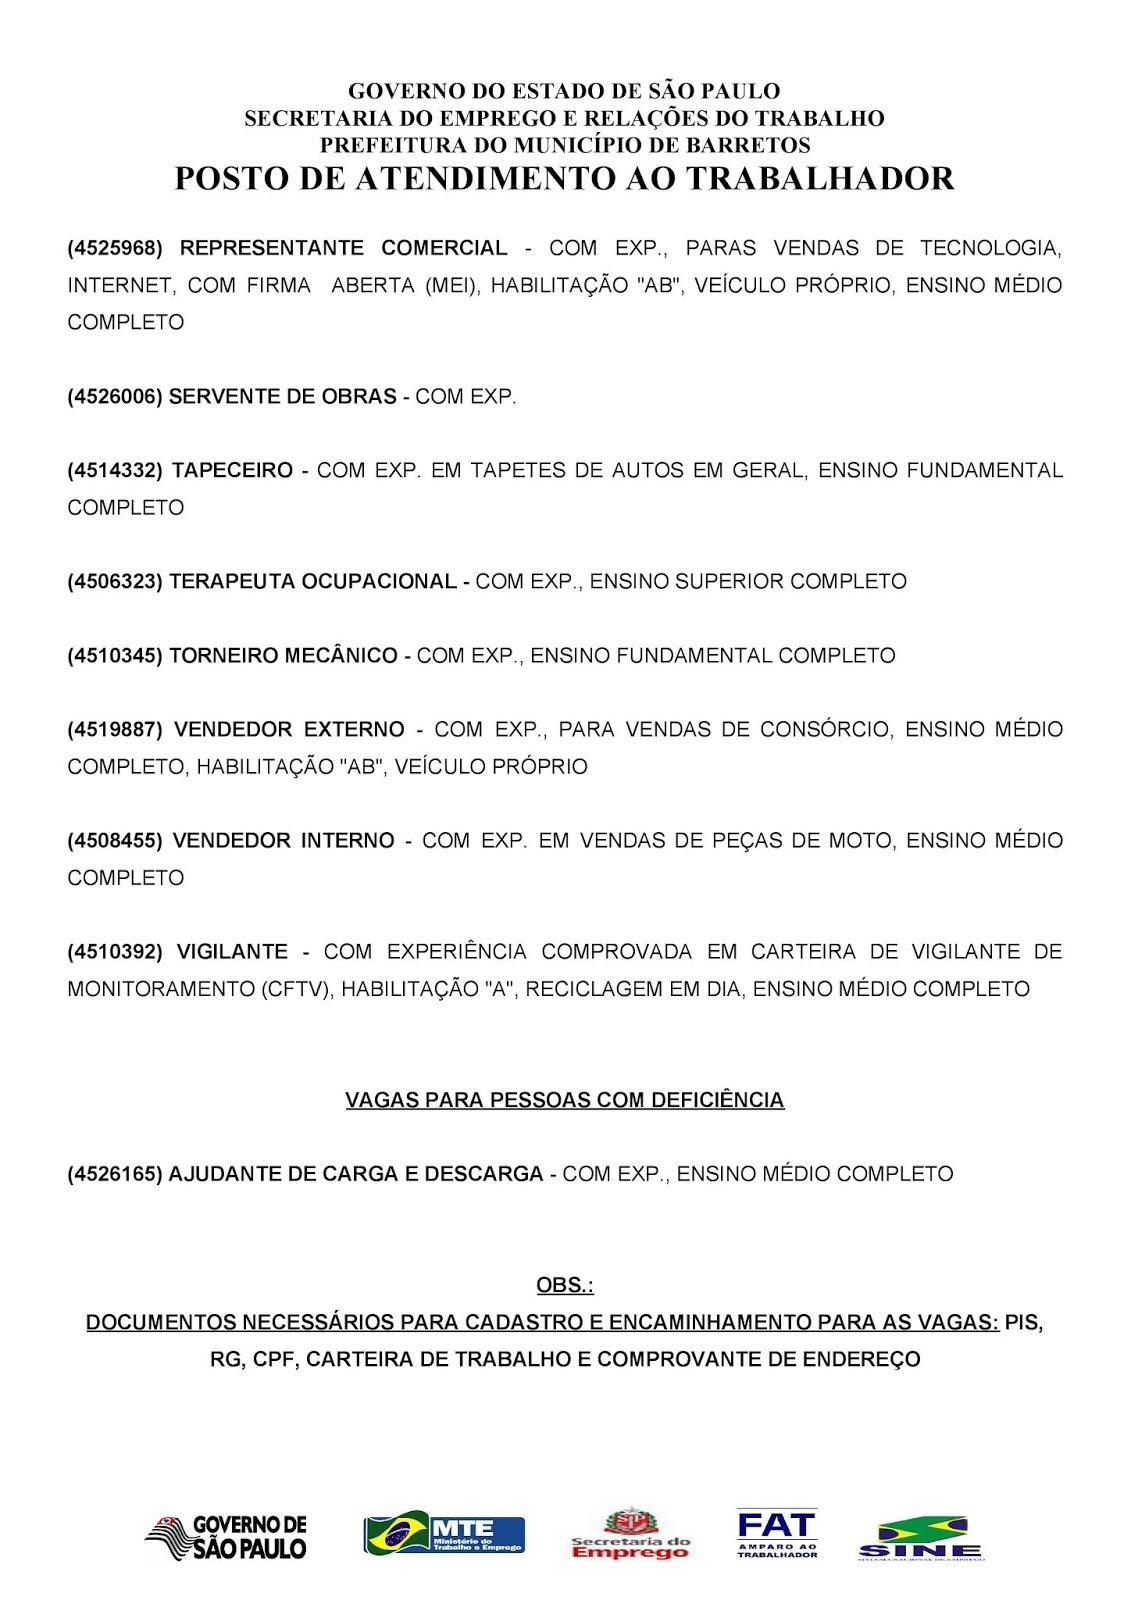 VAGAS DE EMPREGO DO PAT BARRETOS-SP PARA 06/06/2018 QUARTA-FEIRA - Pag.2